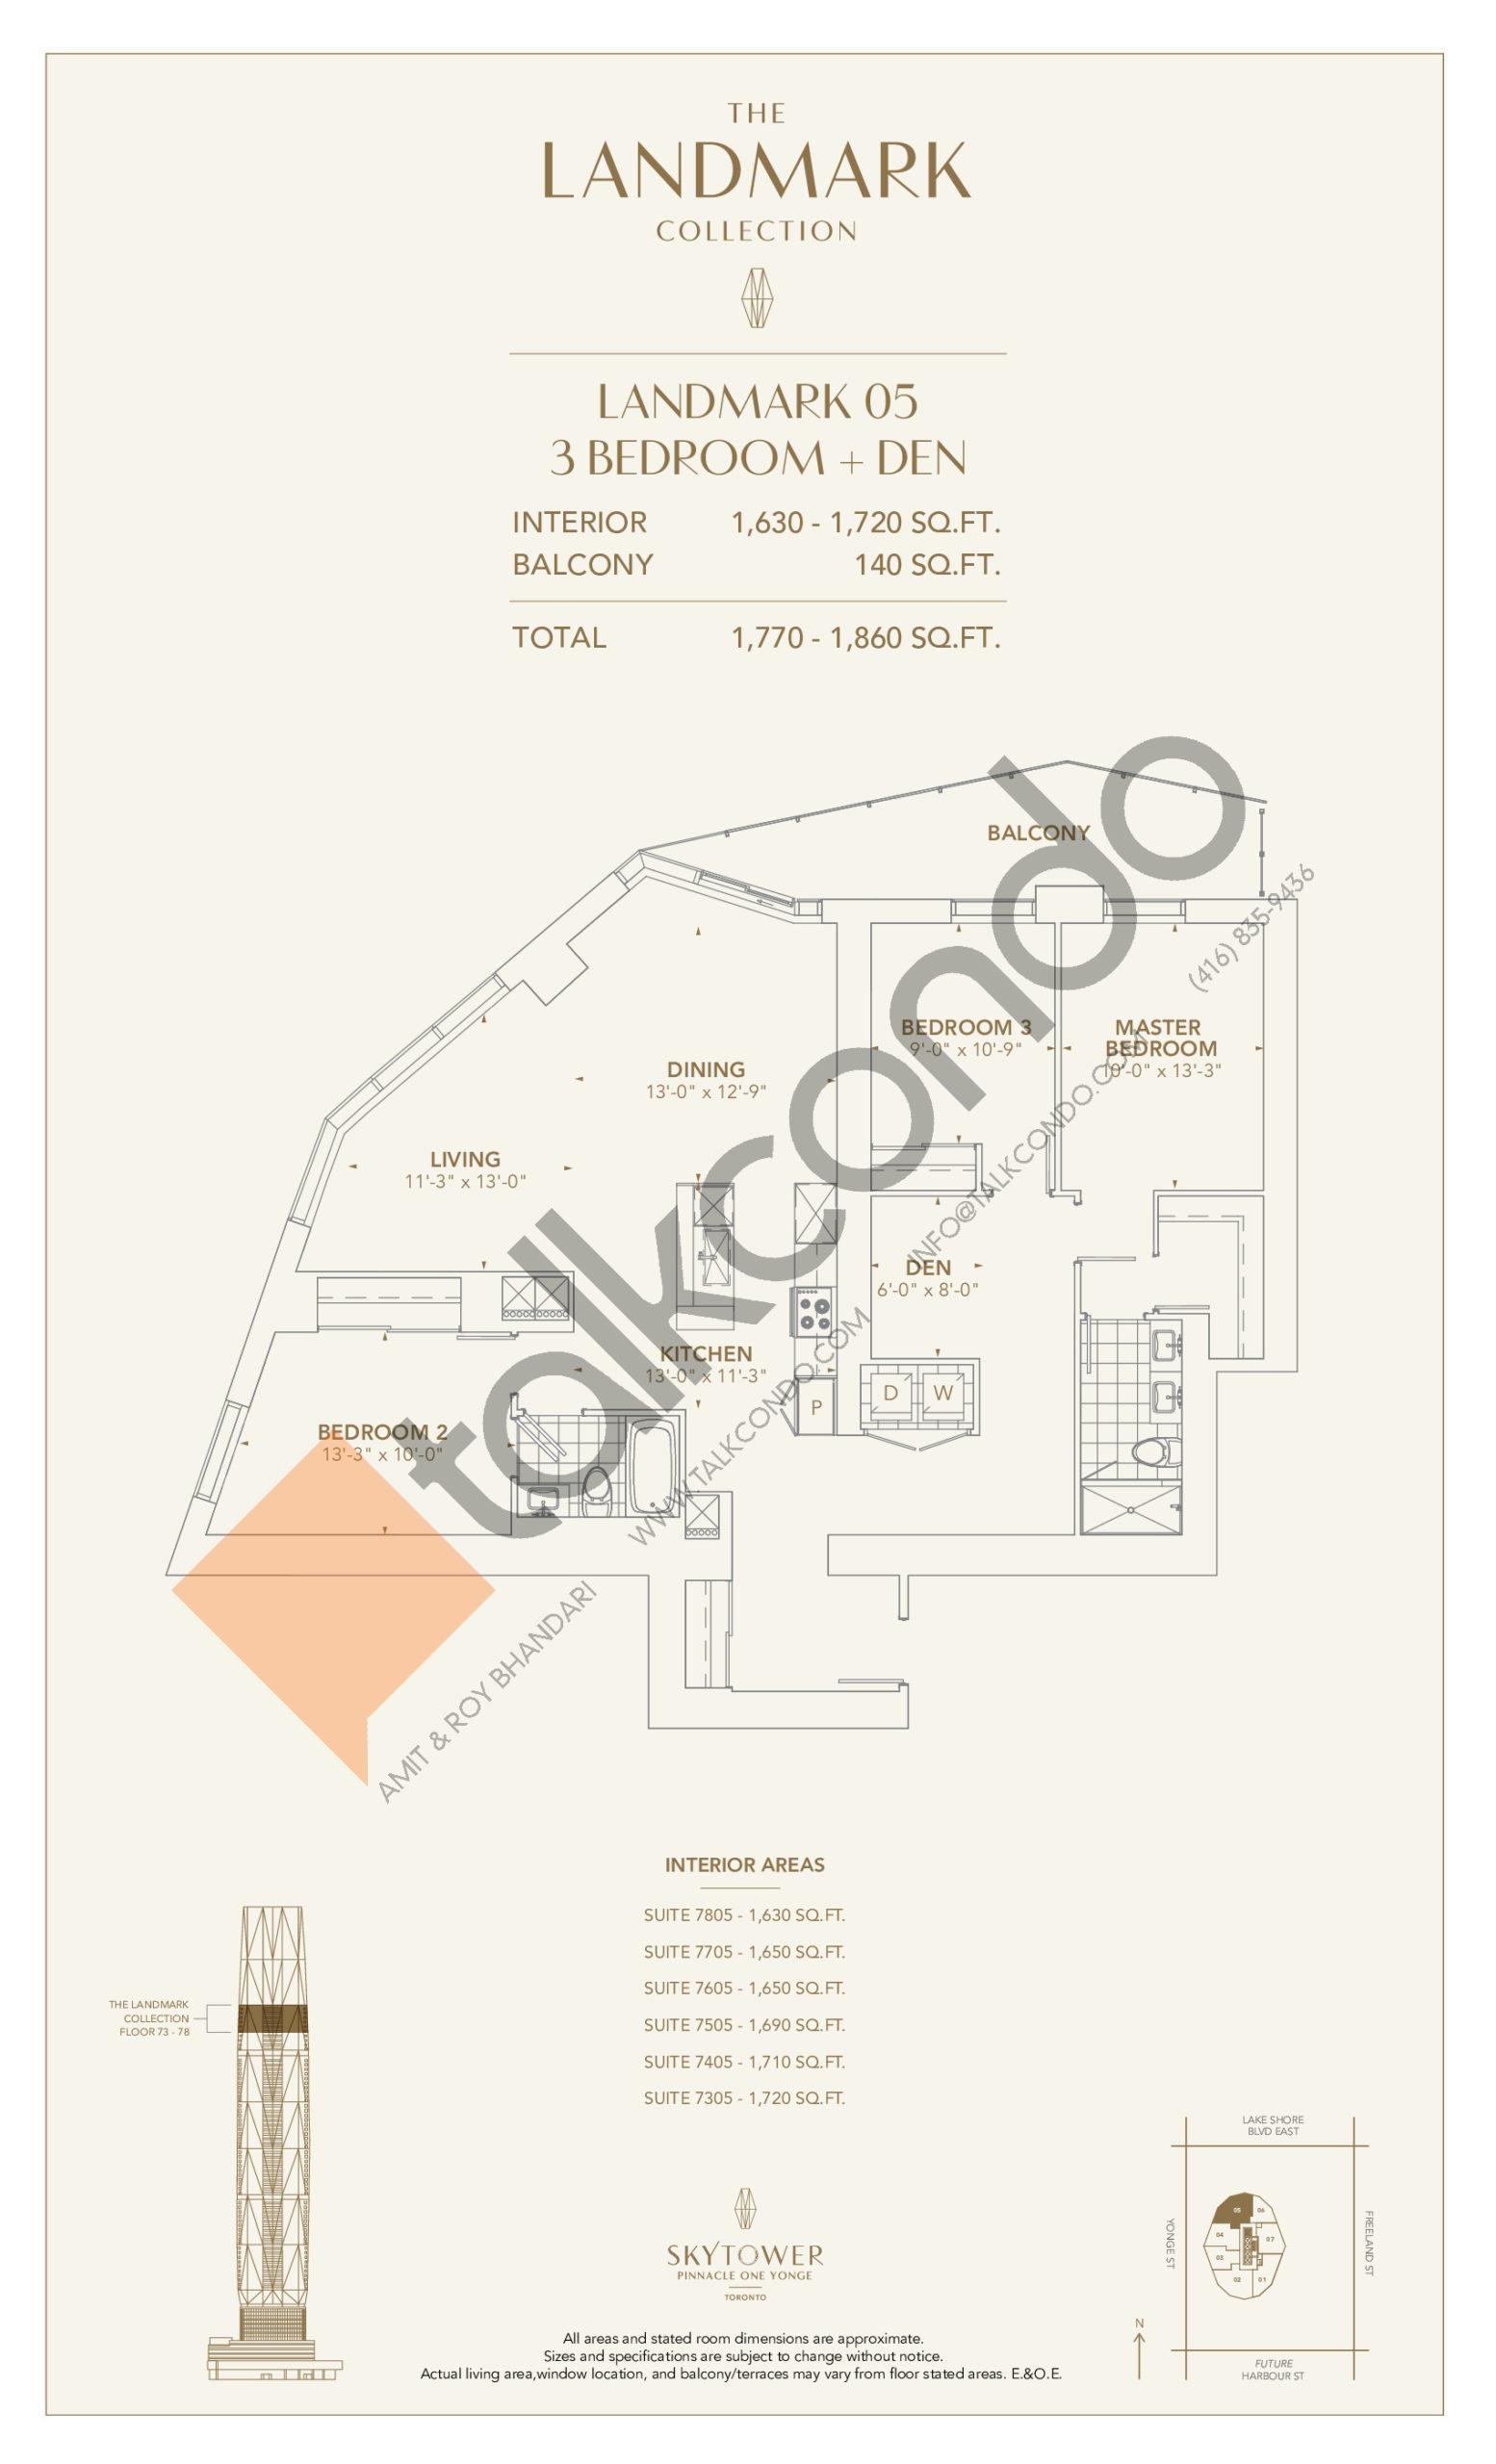 Landmark 05 Floor Plan at SkyTower at Pinnacle One Yonge - 1720 sq.ft